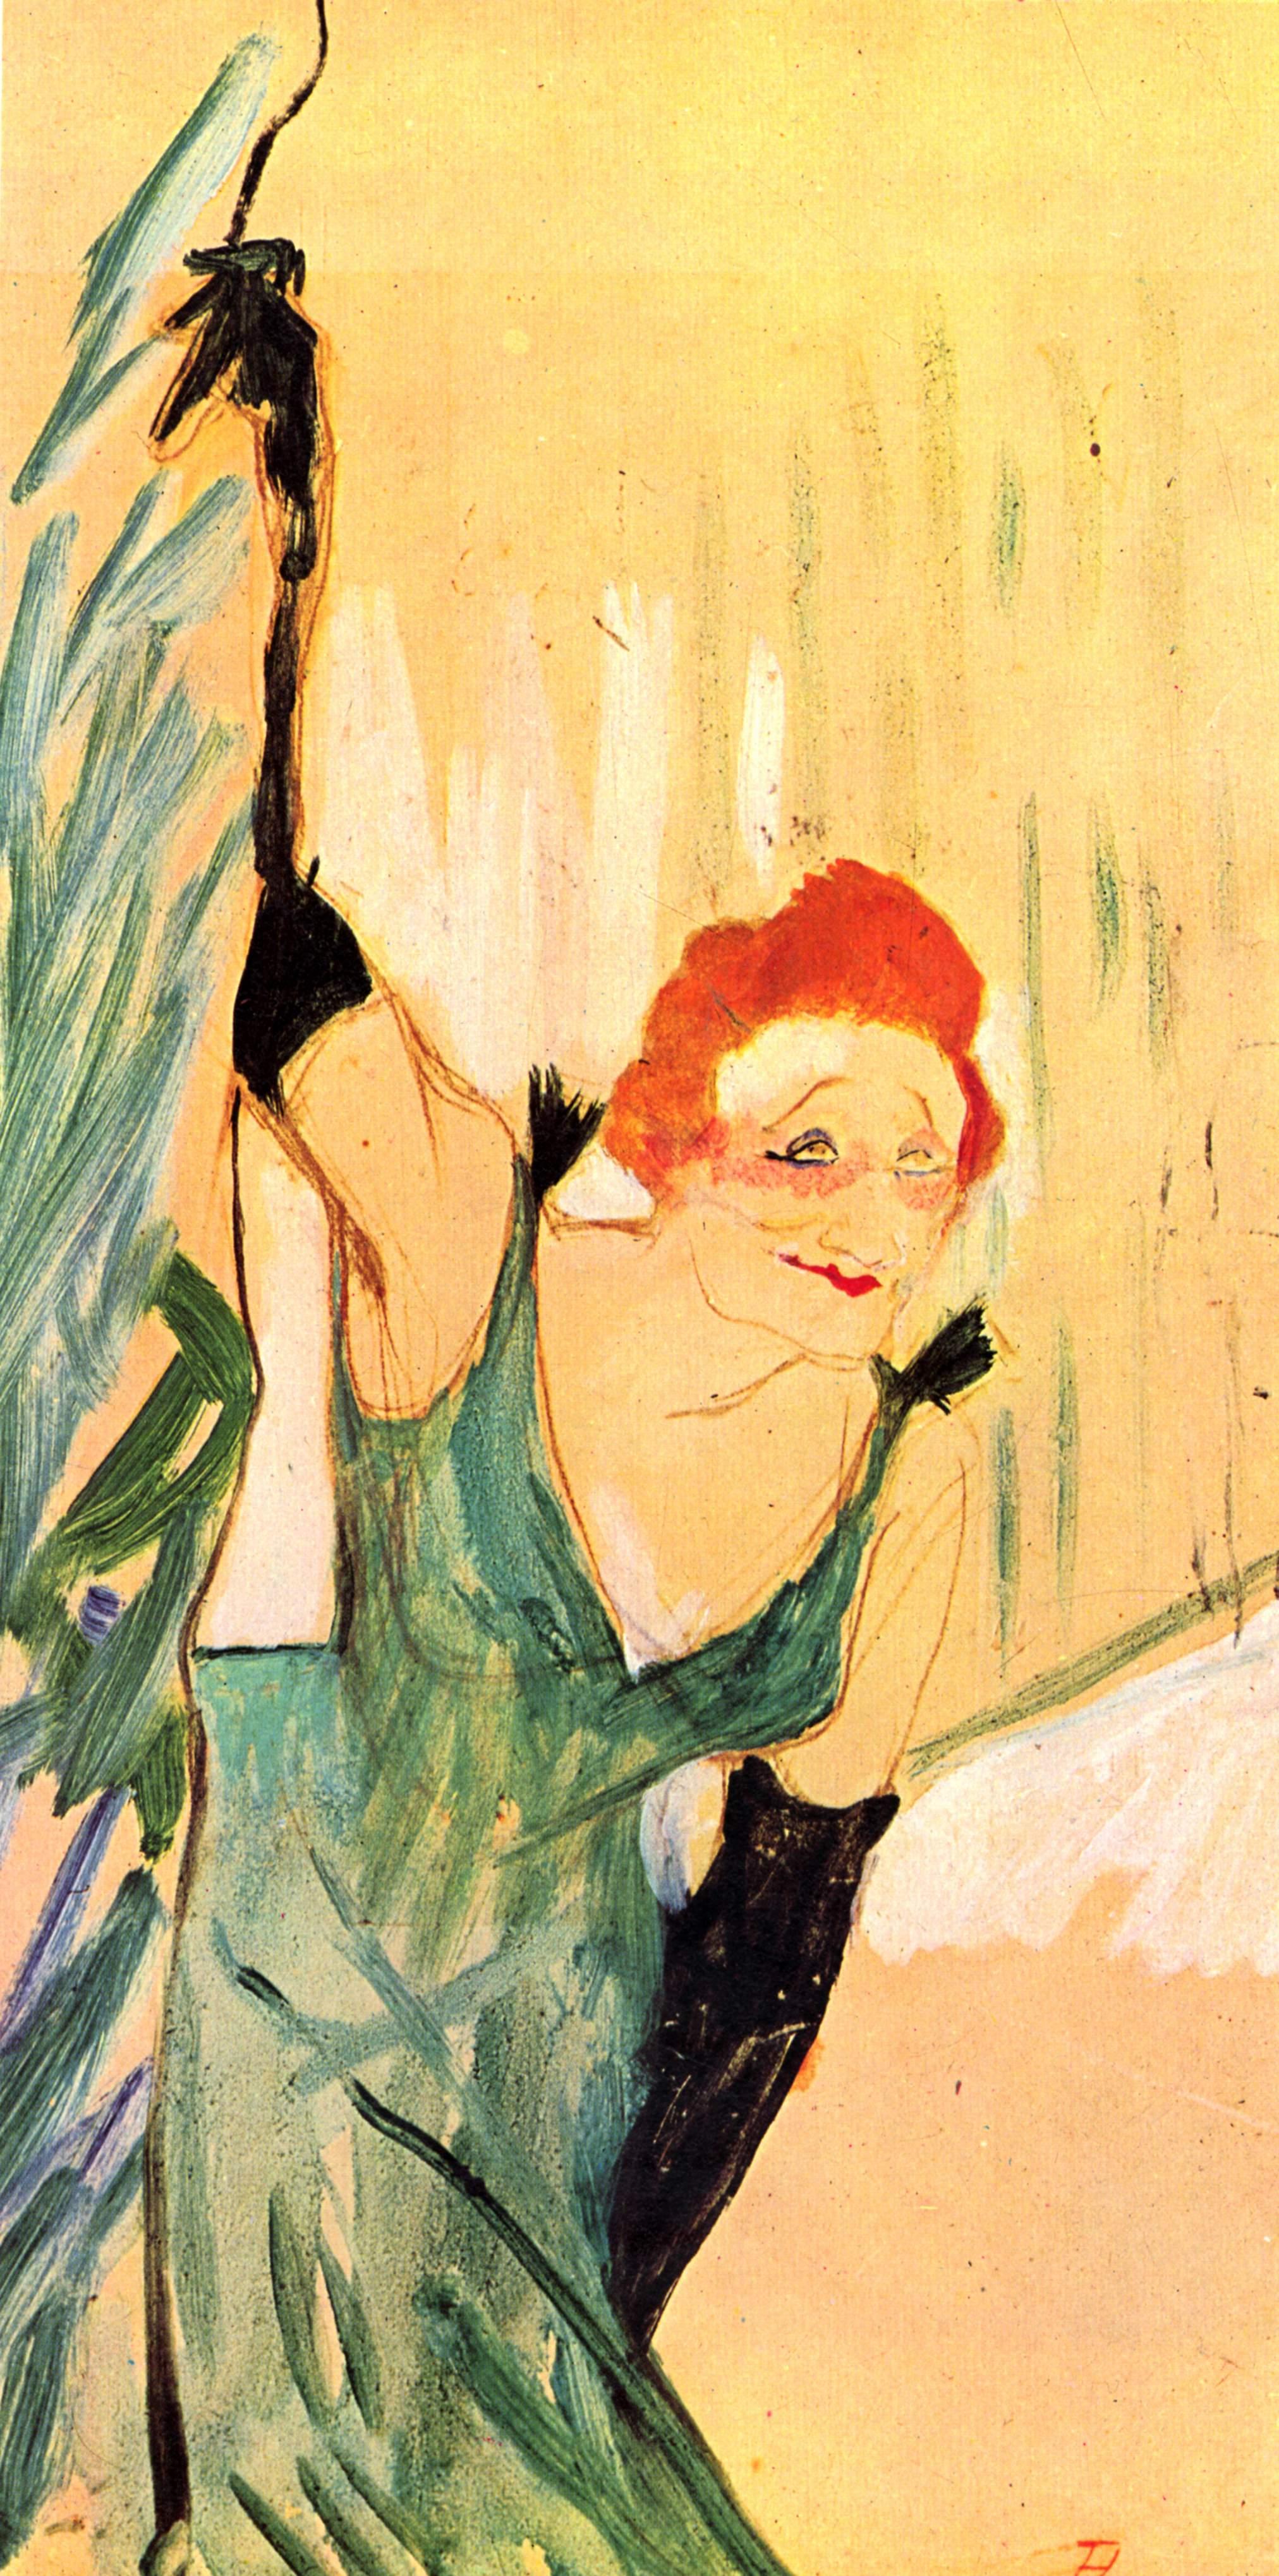 La musique influencée par la peinture Henri_de_Toulouse-Lautrec_060